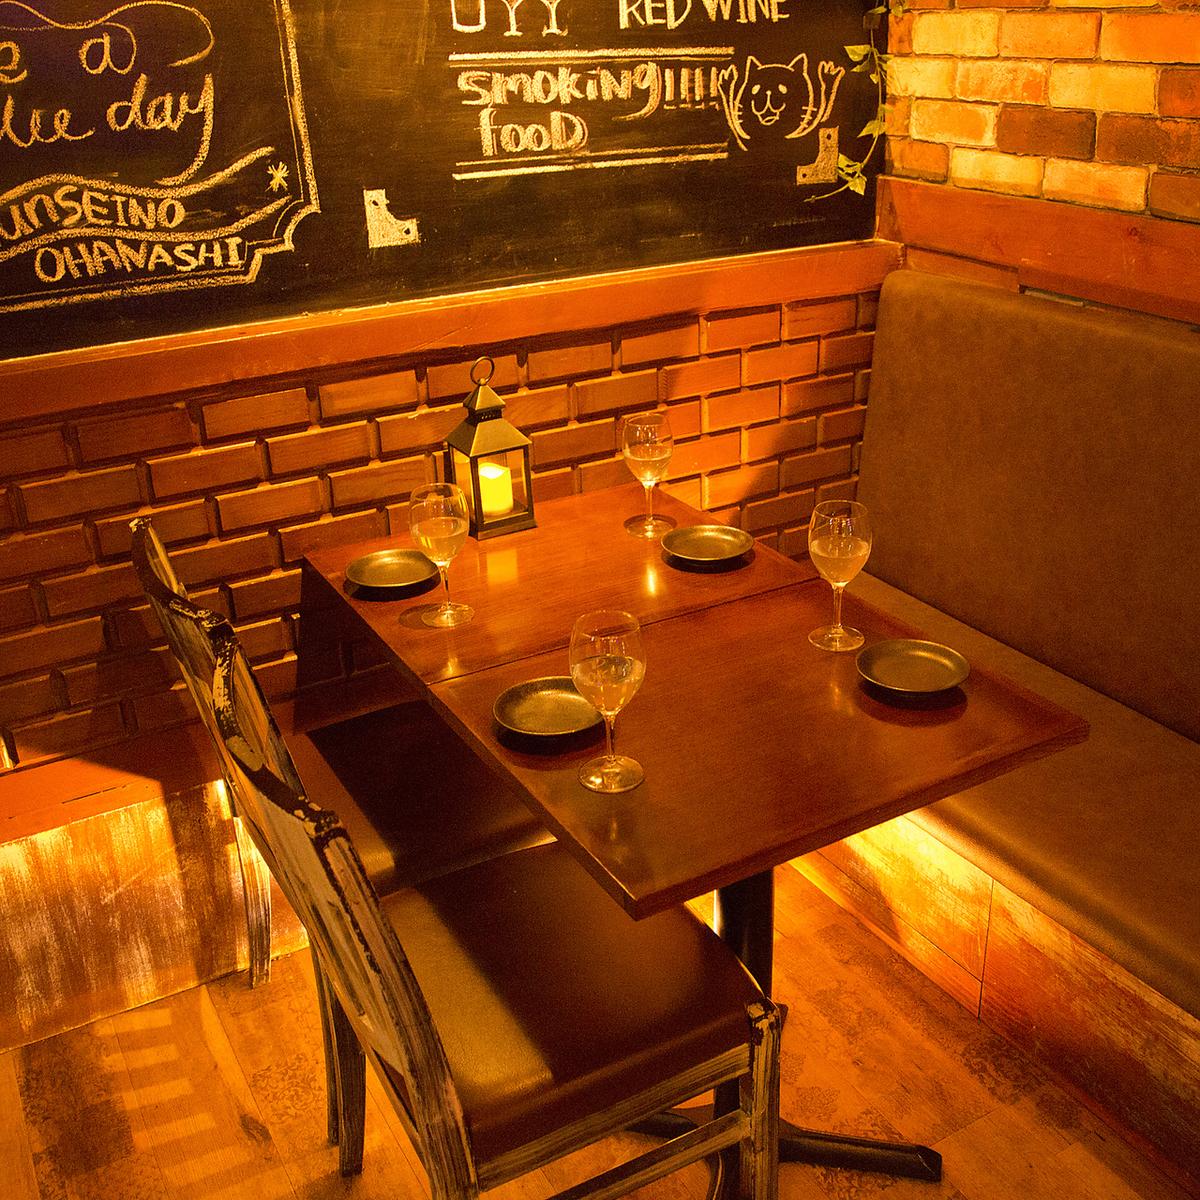 椅子的一侧沙发+桌椅☆